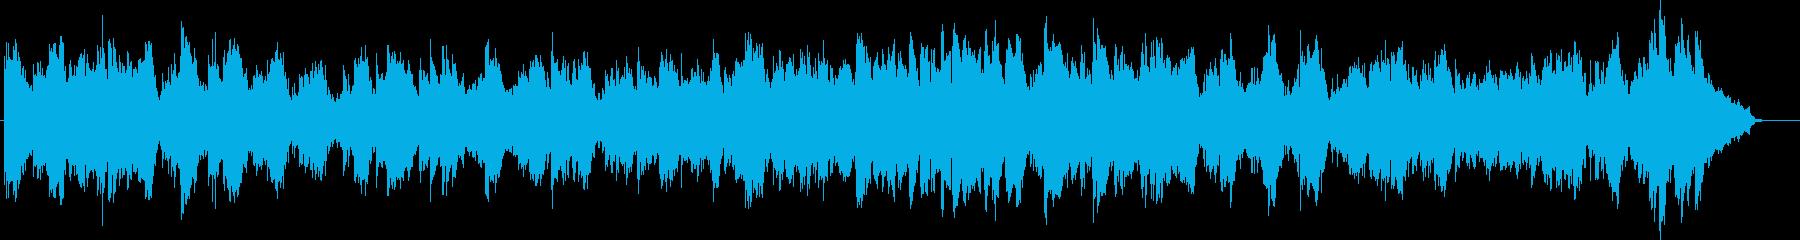 ショパンの練習曲12-1/激しく明るいの再生済みの波形